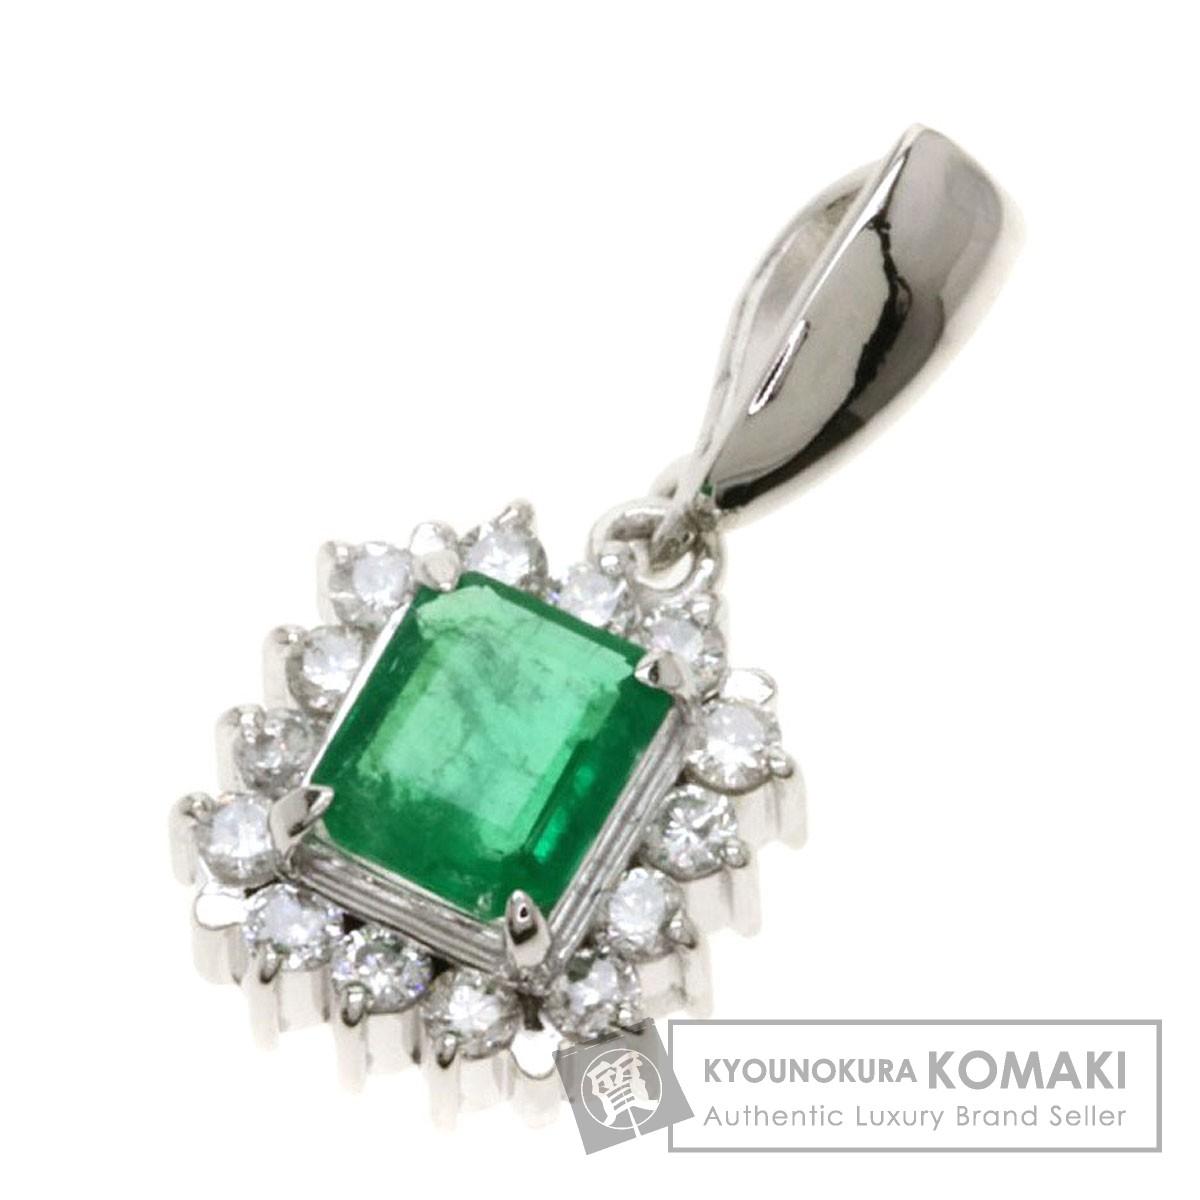 0.26ct エメラルドダイヤモンド ペンダントトップ プラチナPT900 1.4g レディース 【中古】